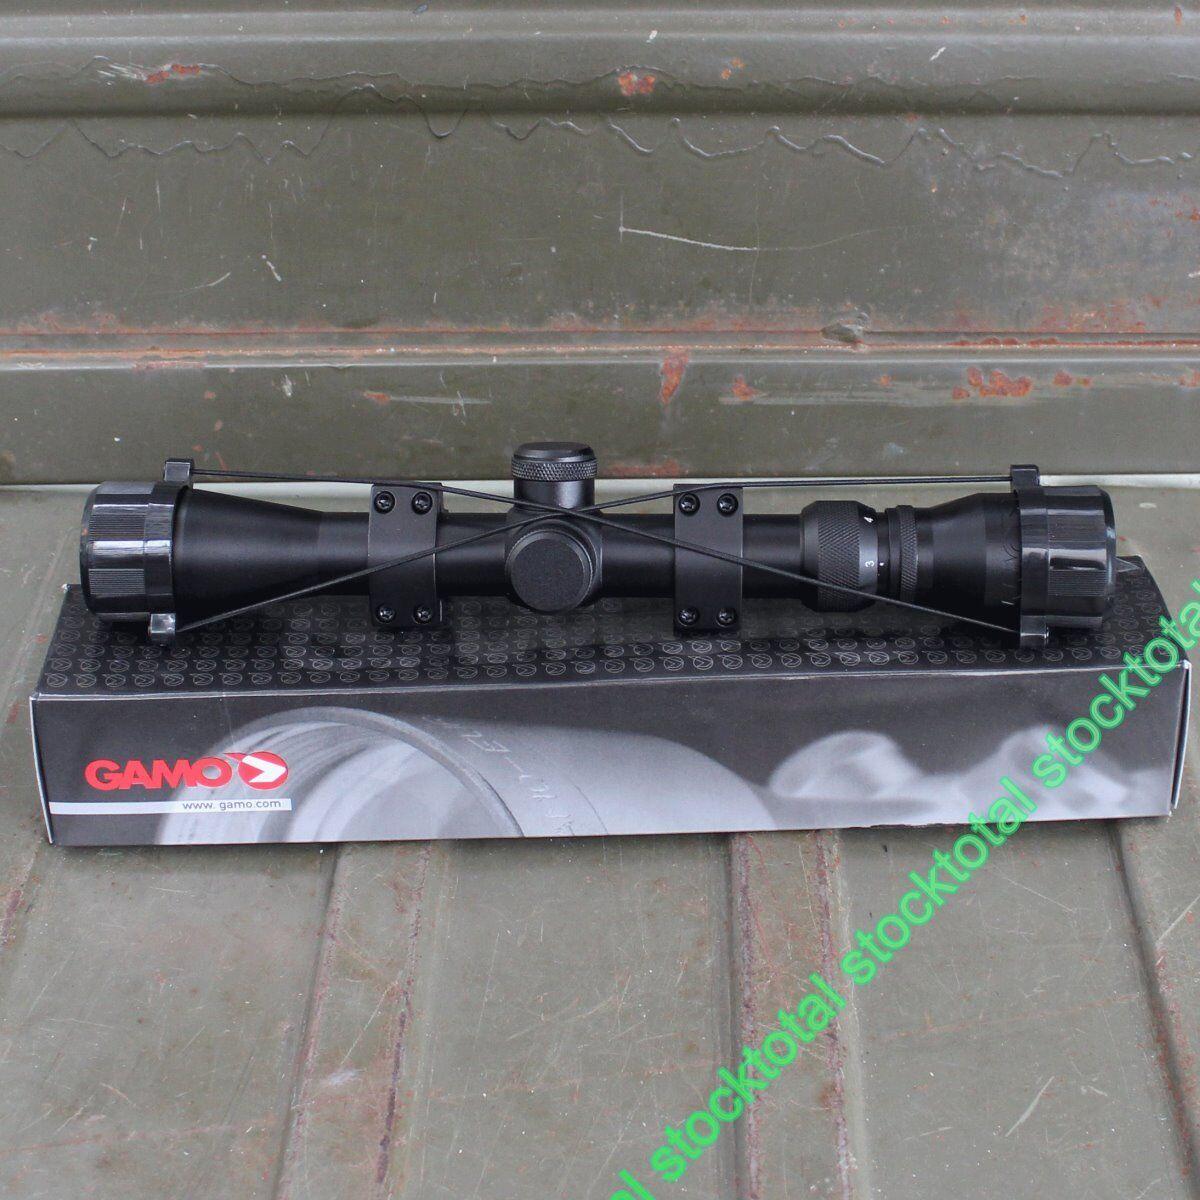 Visor Gamo 3-9X32 WR-G G VE39X32WR pg